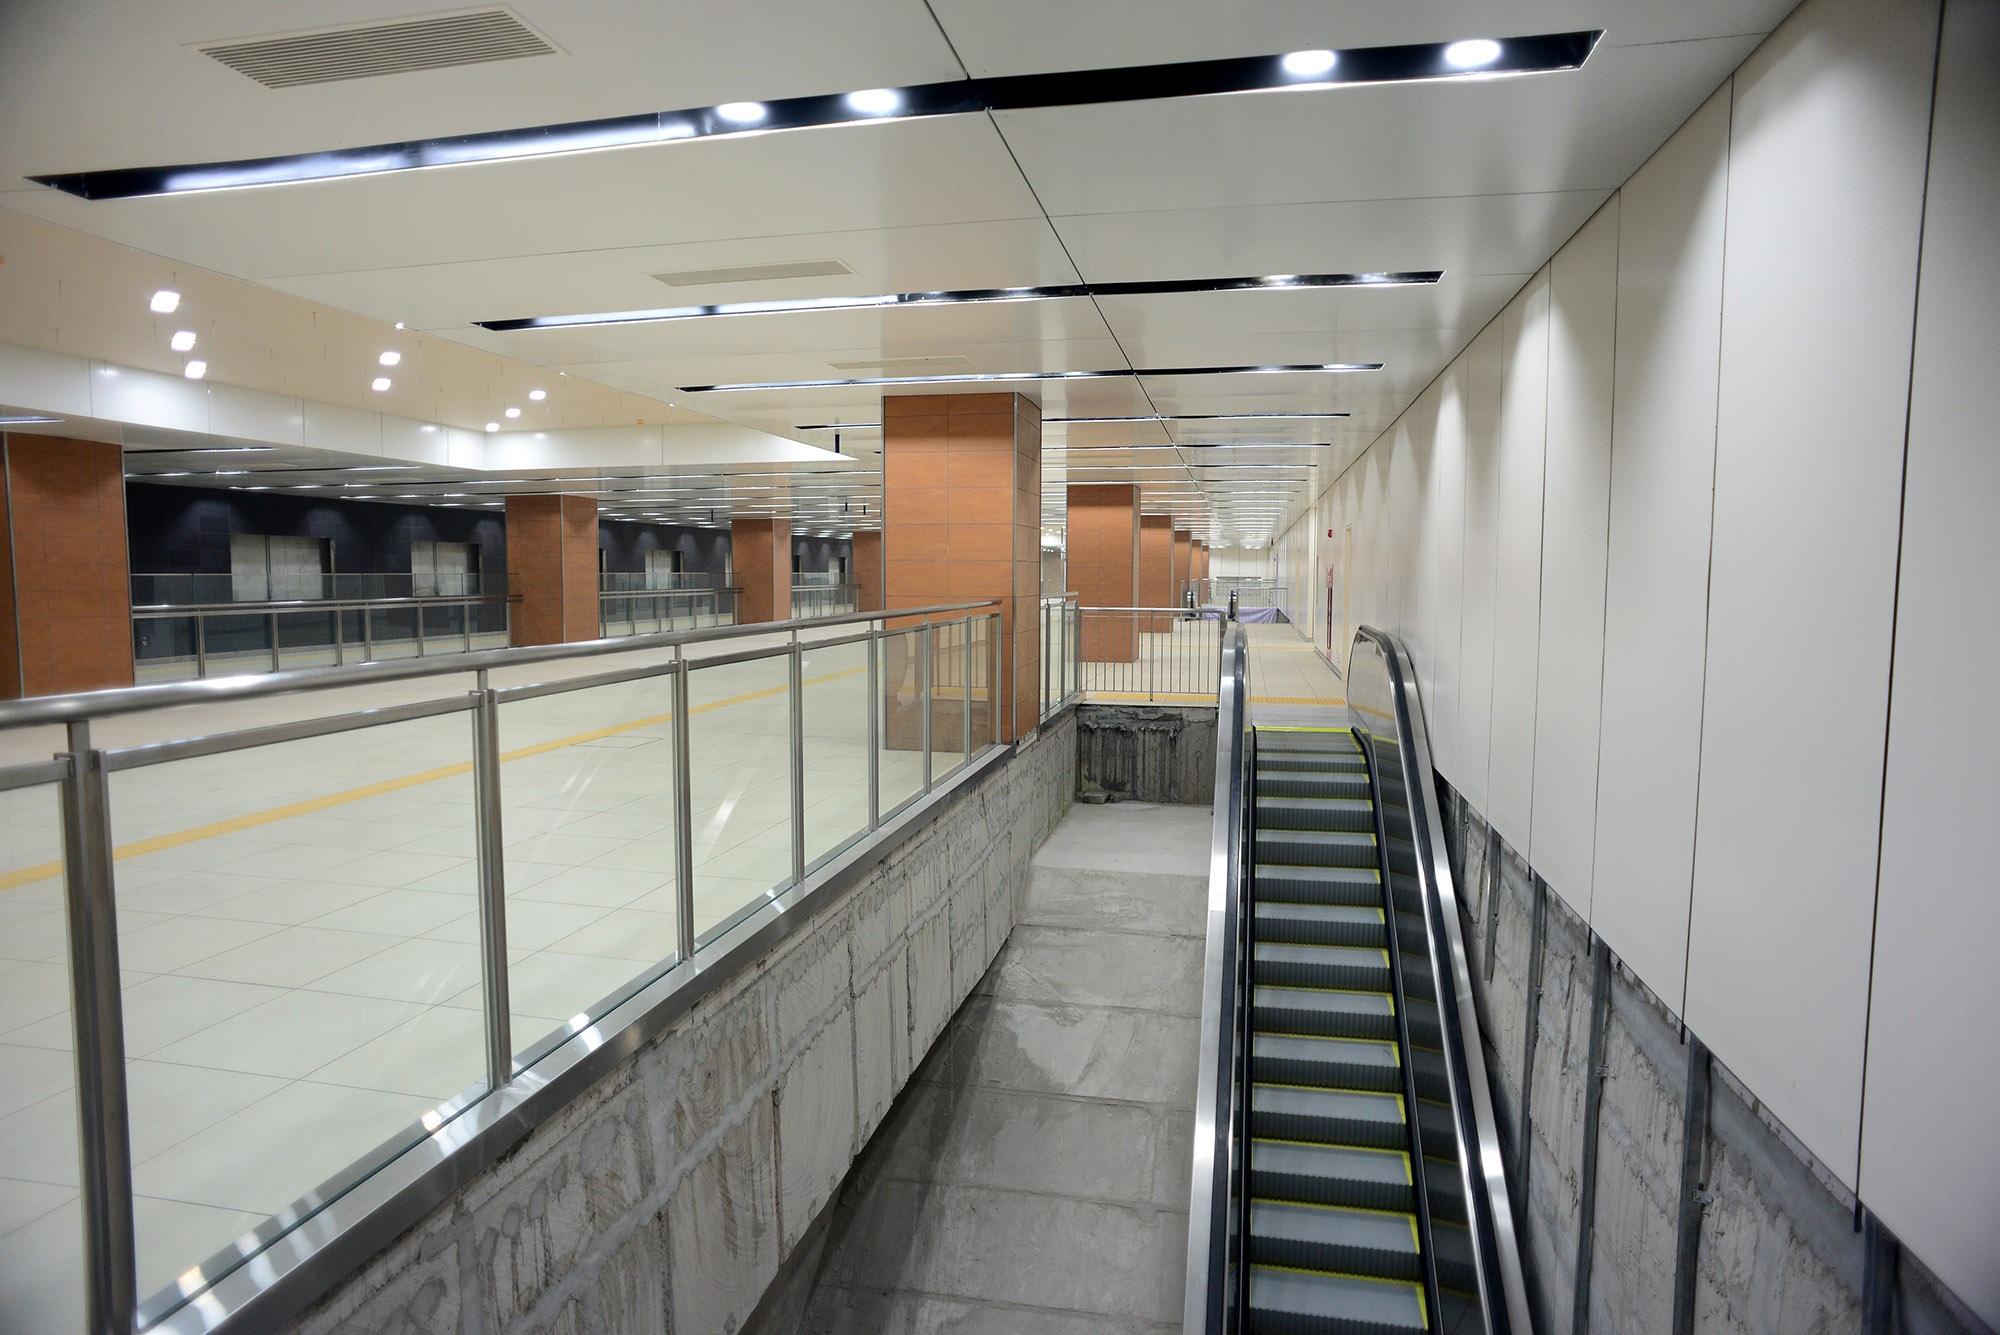 Ngắm toàn cảnh tuyến metro đầu tiên của TPHCM - 10